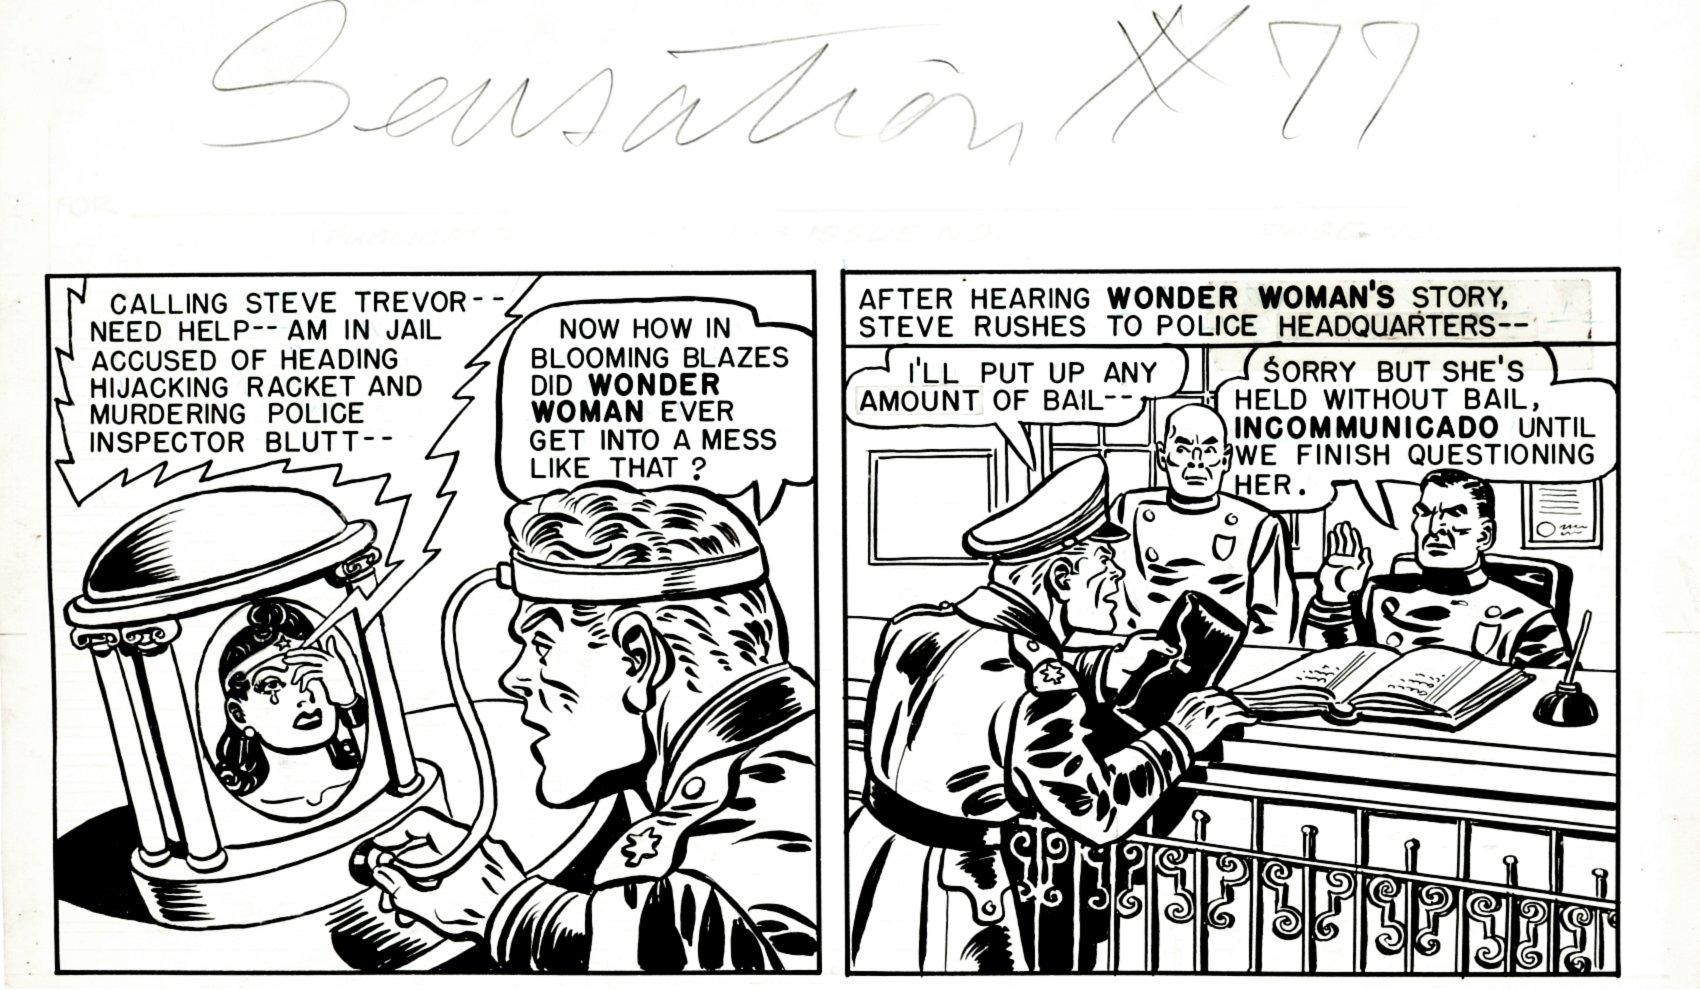 Sensation Comics #77 Unpublished Wonder Woman tier (1940s) SOLD LIVE ON 'DUELING DEALERS EPISODE #36 PODCAST ON 9-15-2021